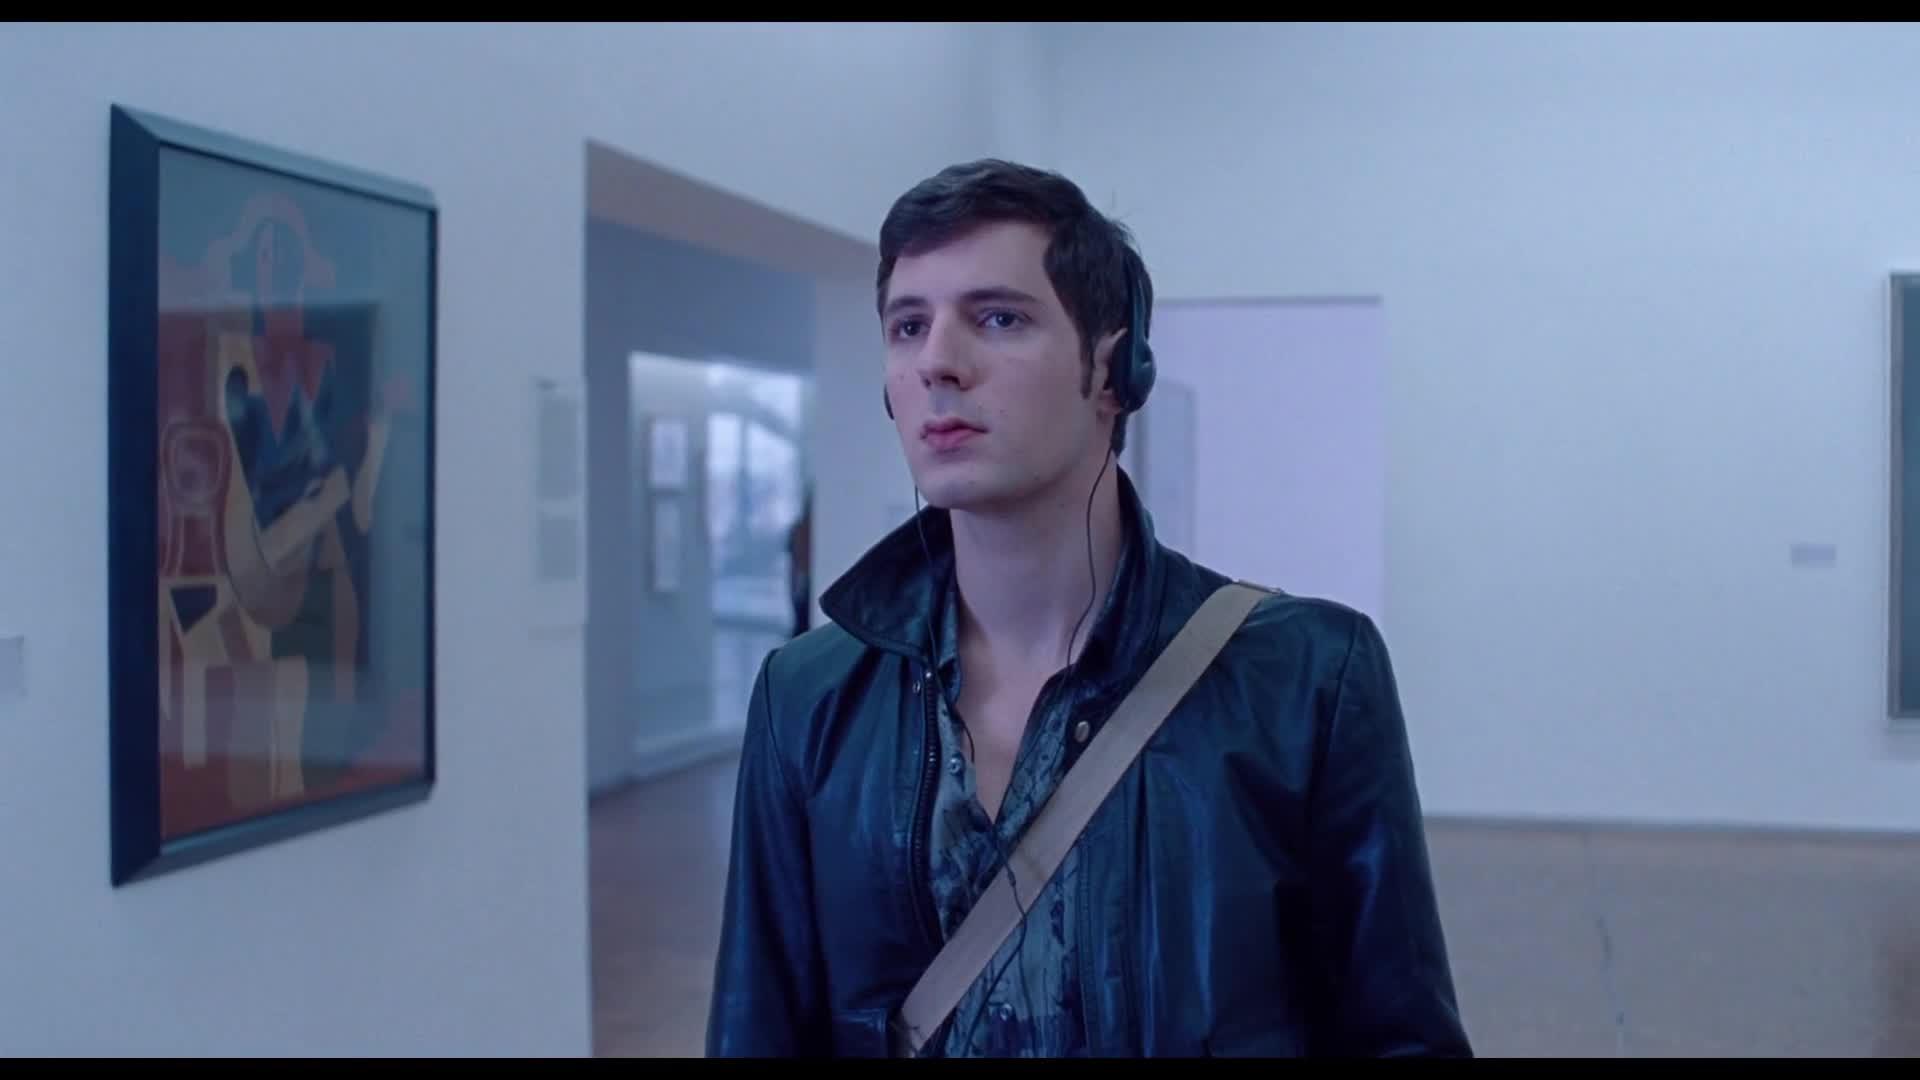 男子独自一人逛美术馆,心情复杂,为何去探望朋友墓地